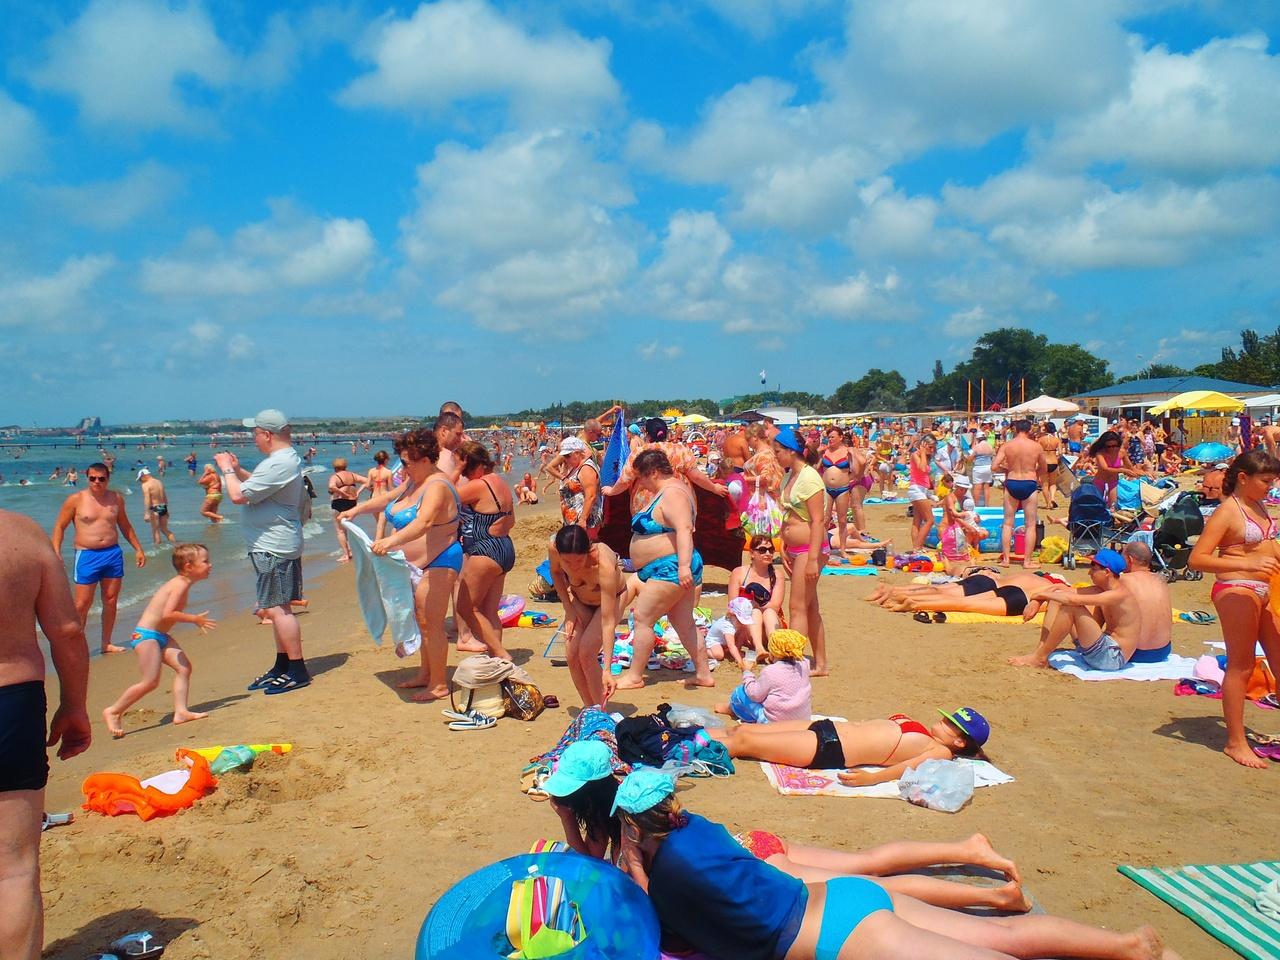 прикрывающая часть анапа отдых фото пляжей истребовании бухгалтерской иной